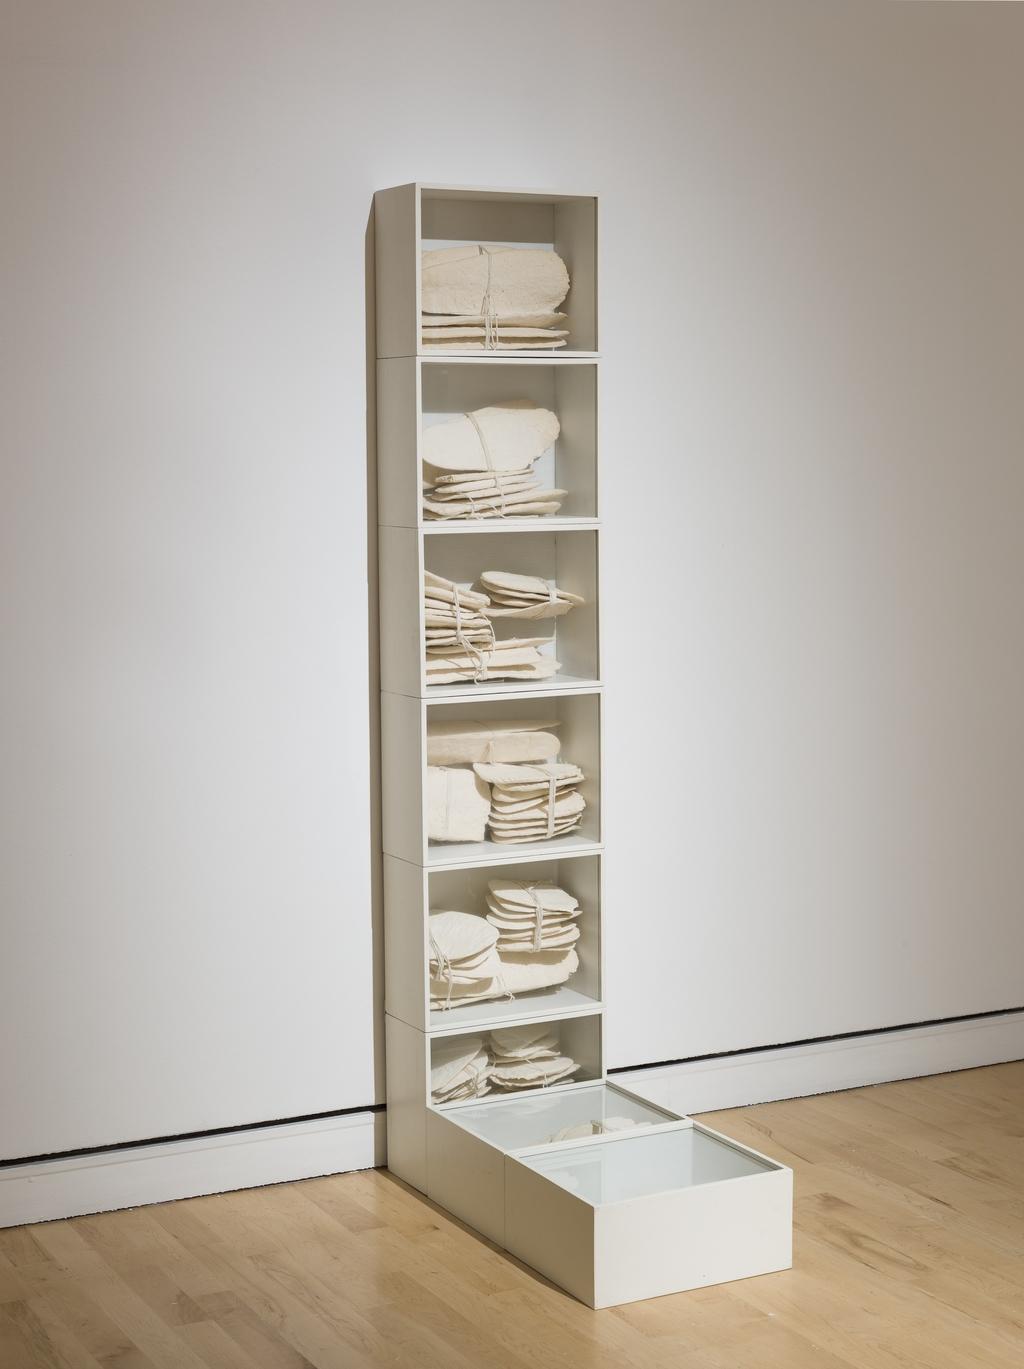 Musée blanc nº 3